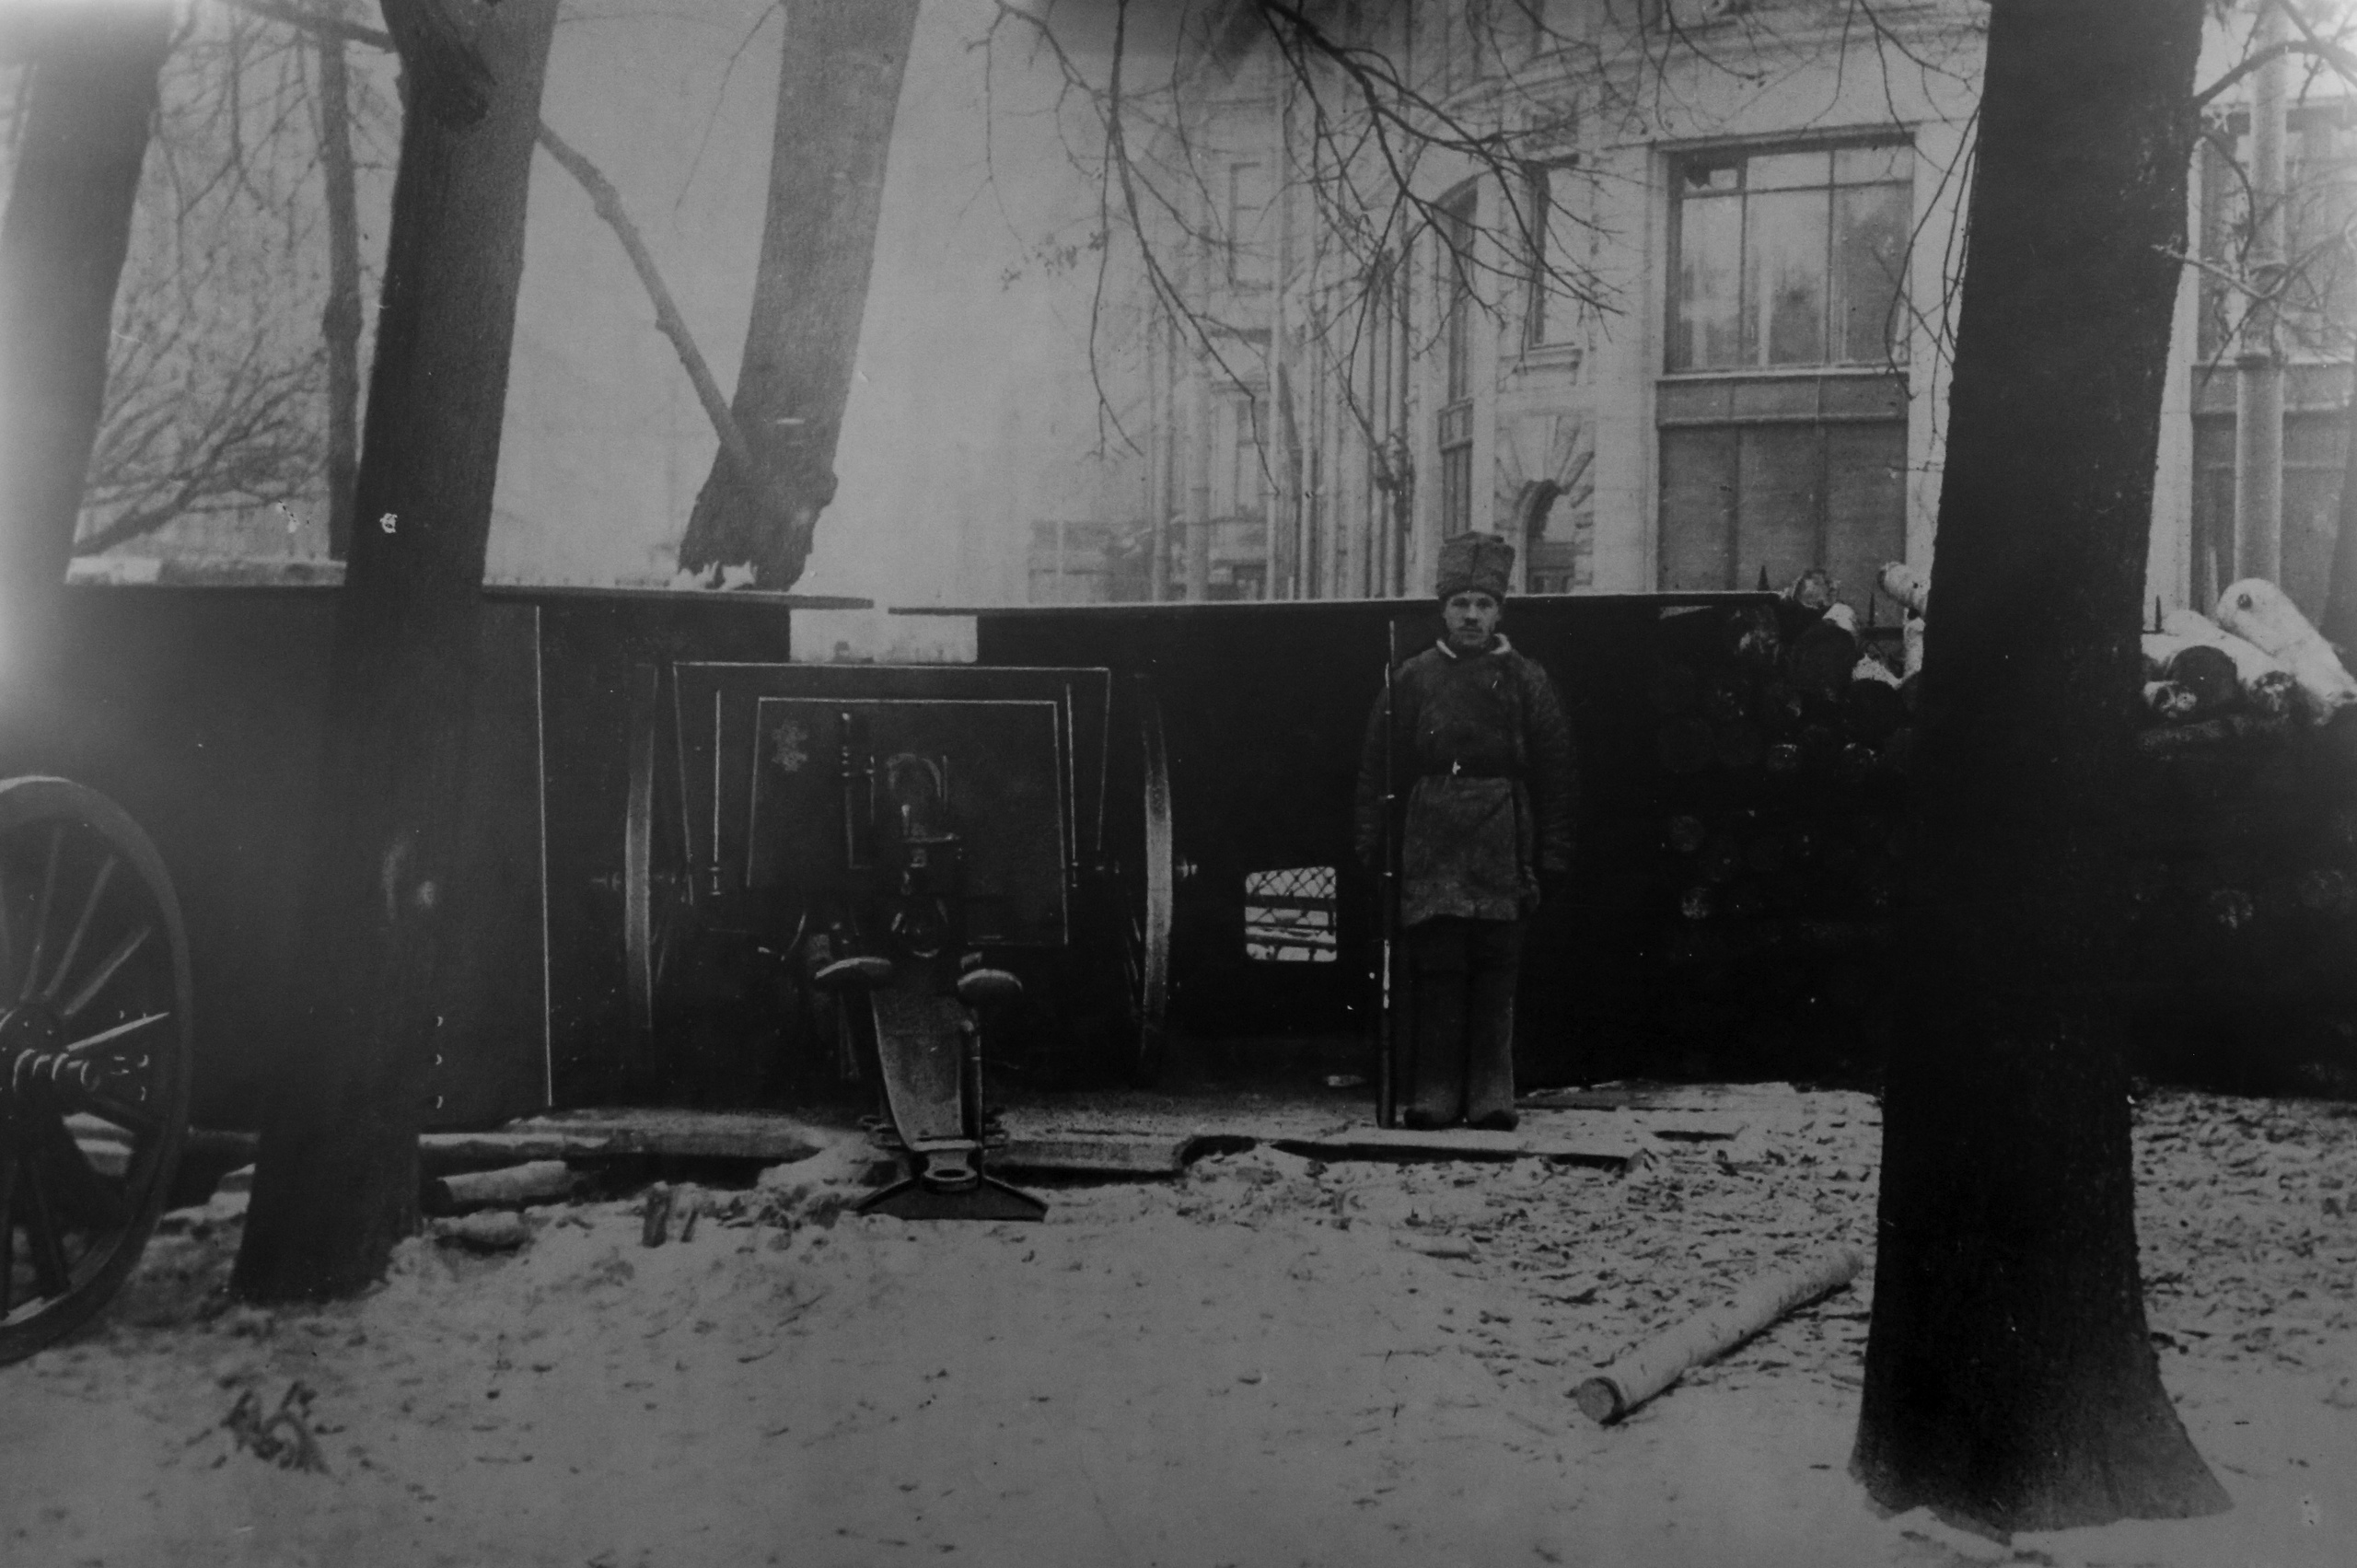 Оборона Петрограда. Артиллерийская установка в Александровском саду. Октябрь